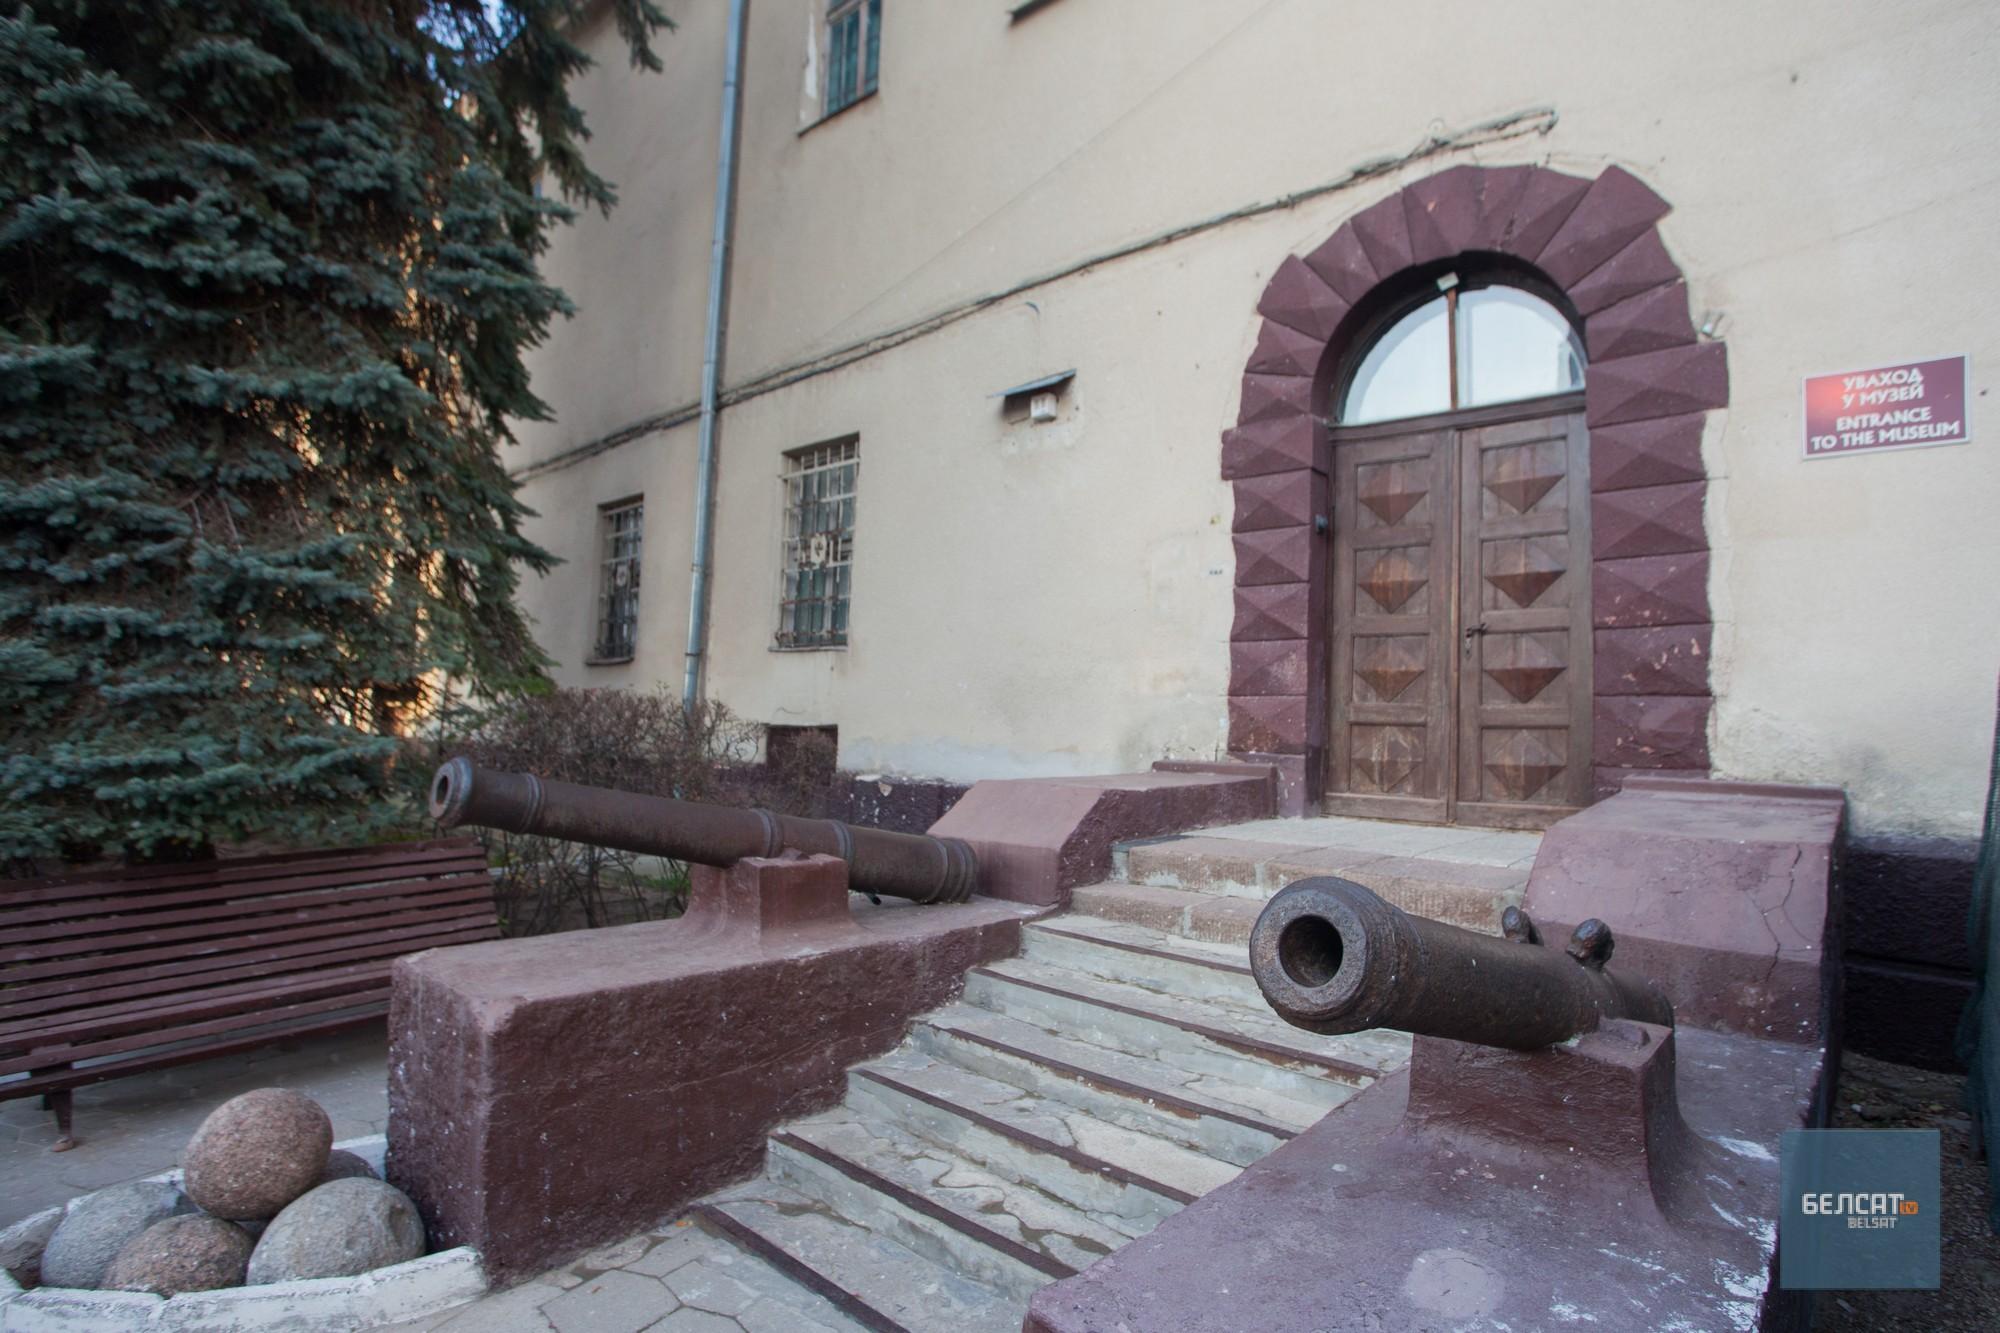 Уваход у музей: знакамітыя прыступкі з гарматамі. Фота – Васіль Малчанаў/«Белсат»